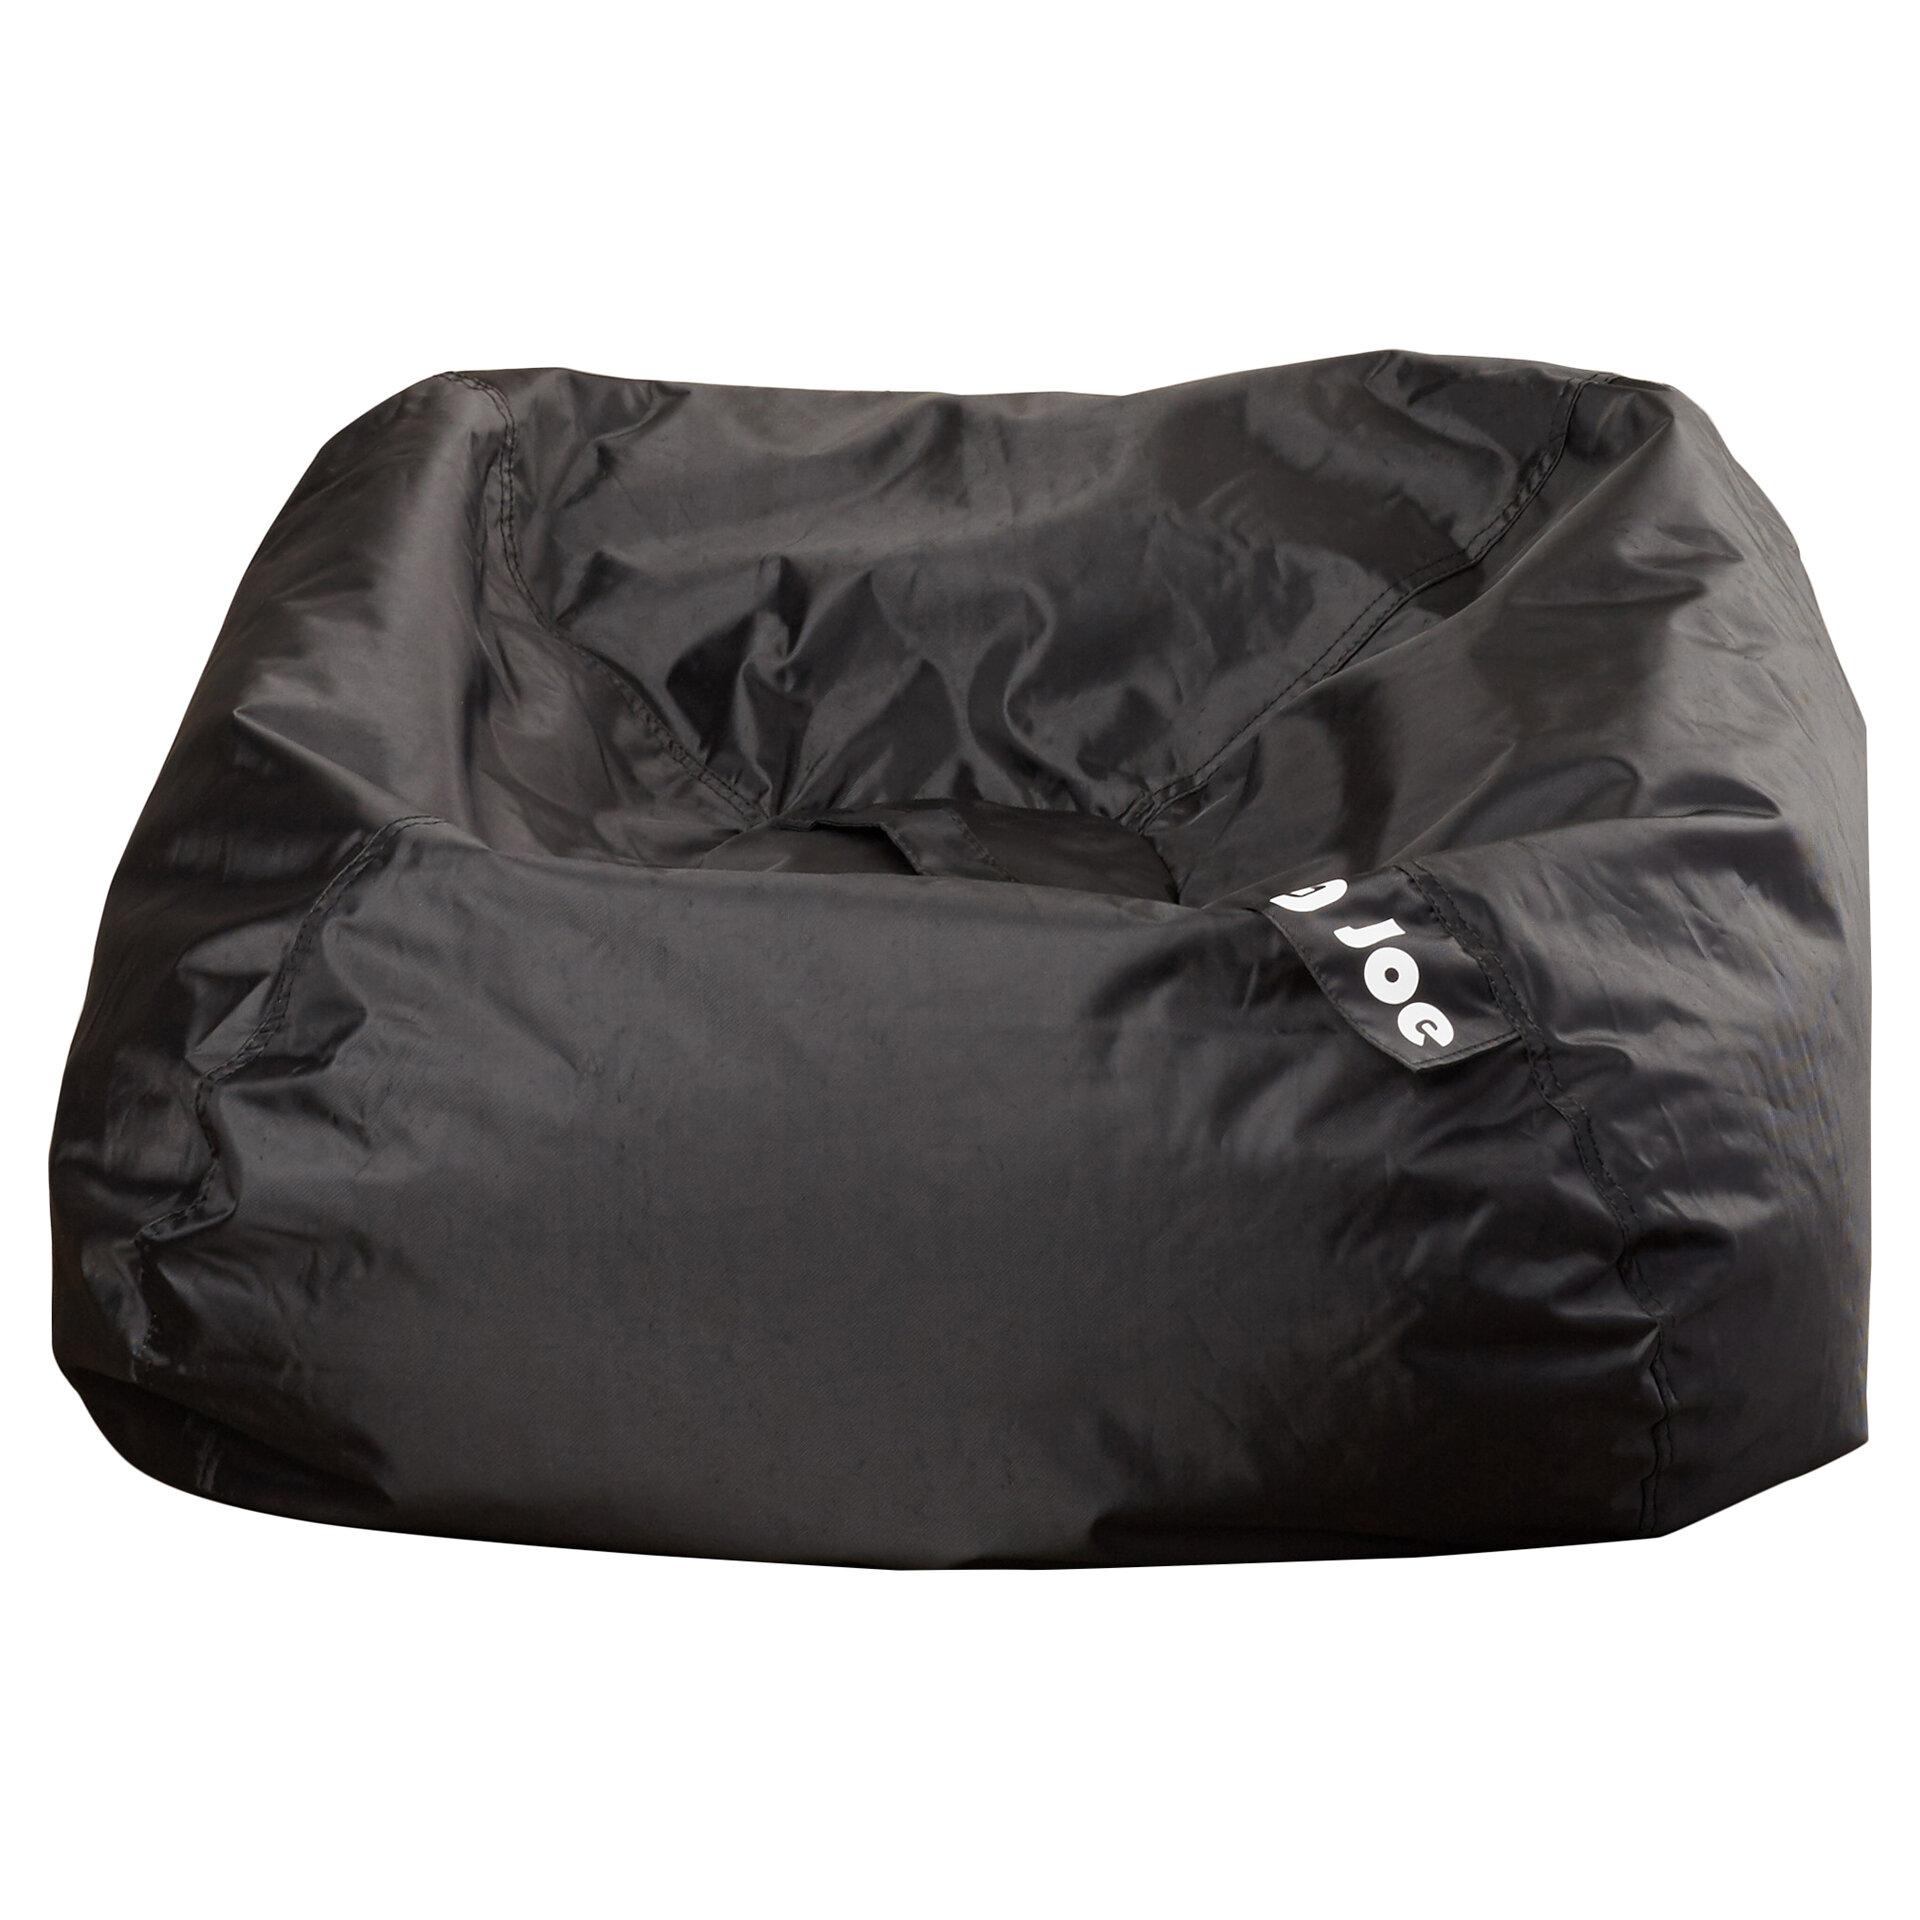 Astounding Big Joe Smartmax Bean Bag Chair Inzonedesignstudio Interior Chair Design Inzonedesignstudiocom